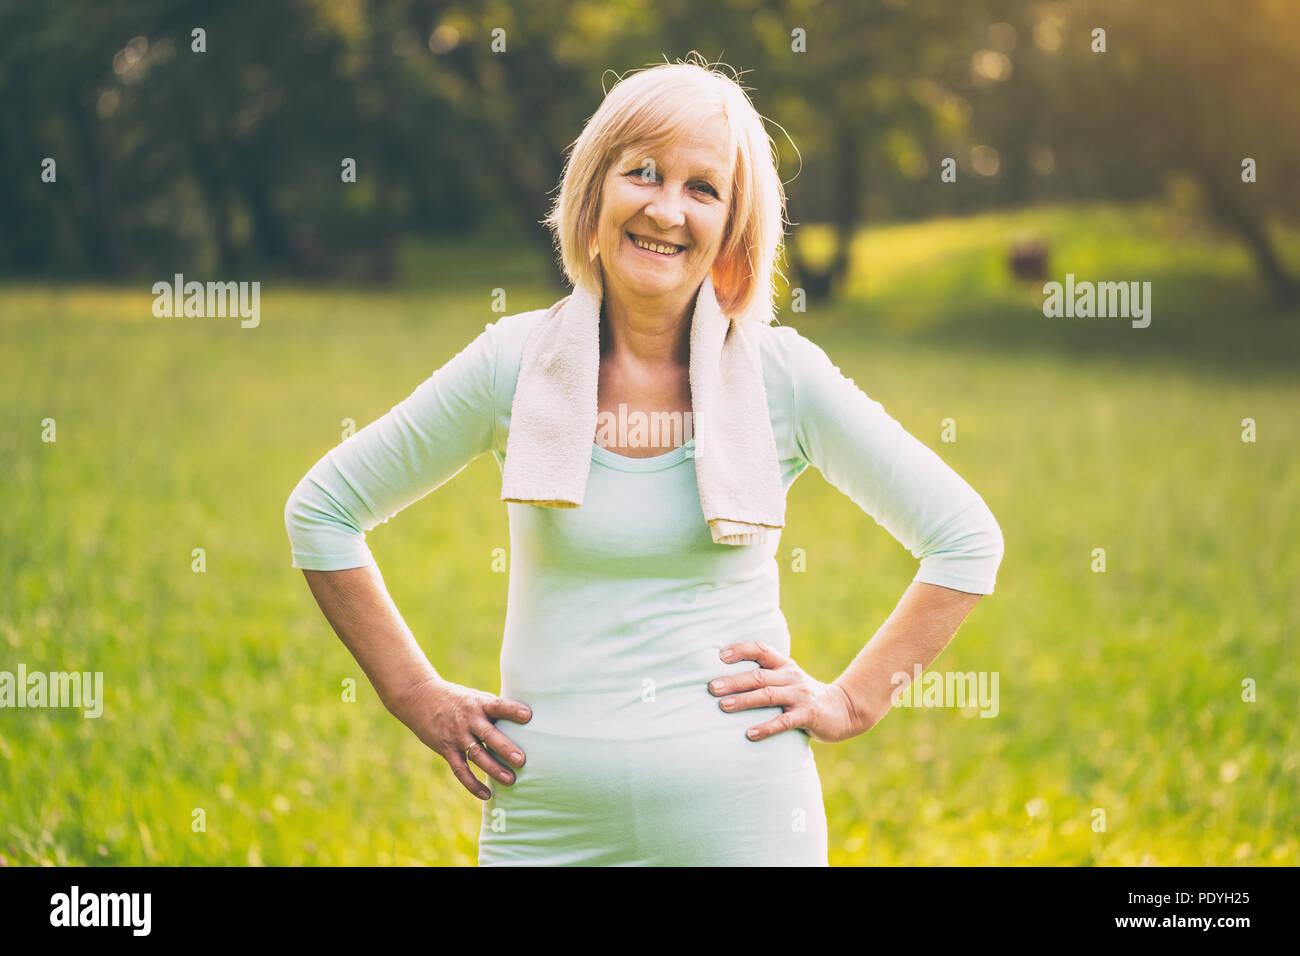 Portrait von sportlichen ältere Frau, die in der Natur. Bild ist absichtlich abgeschwächt. Stockbild